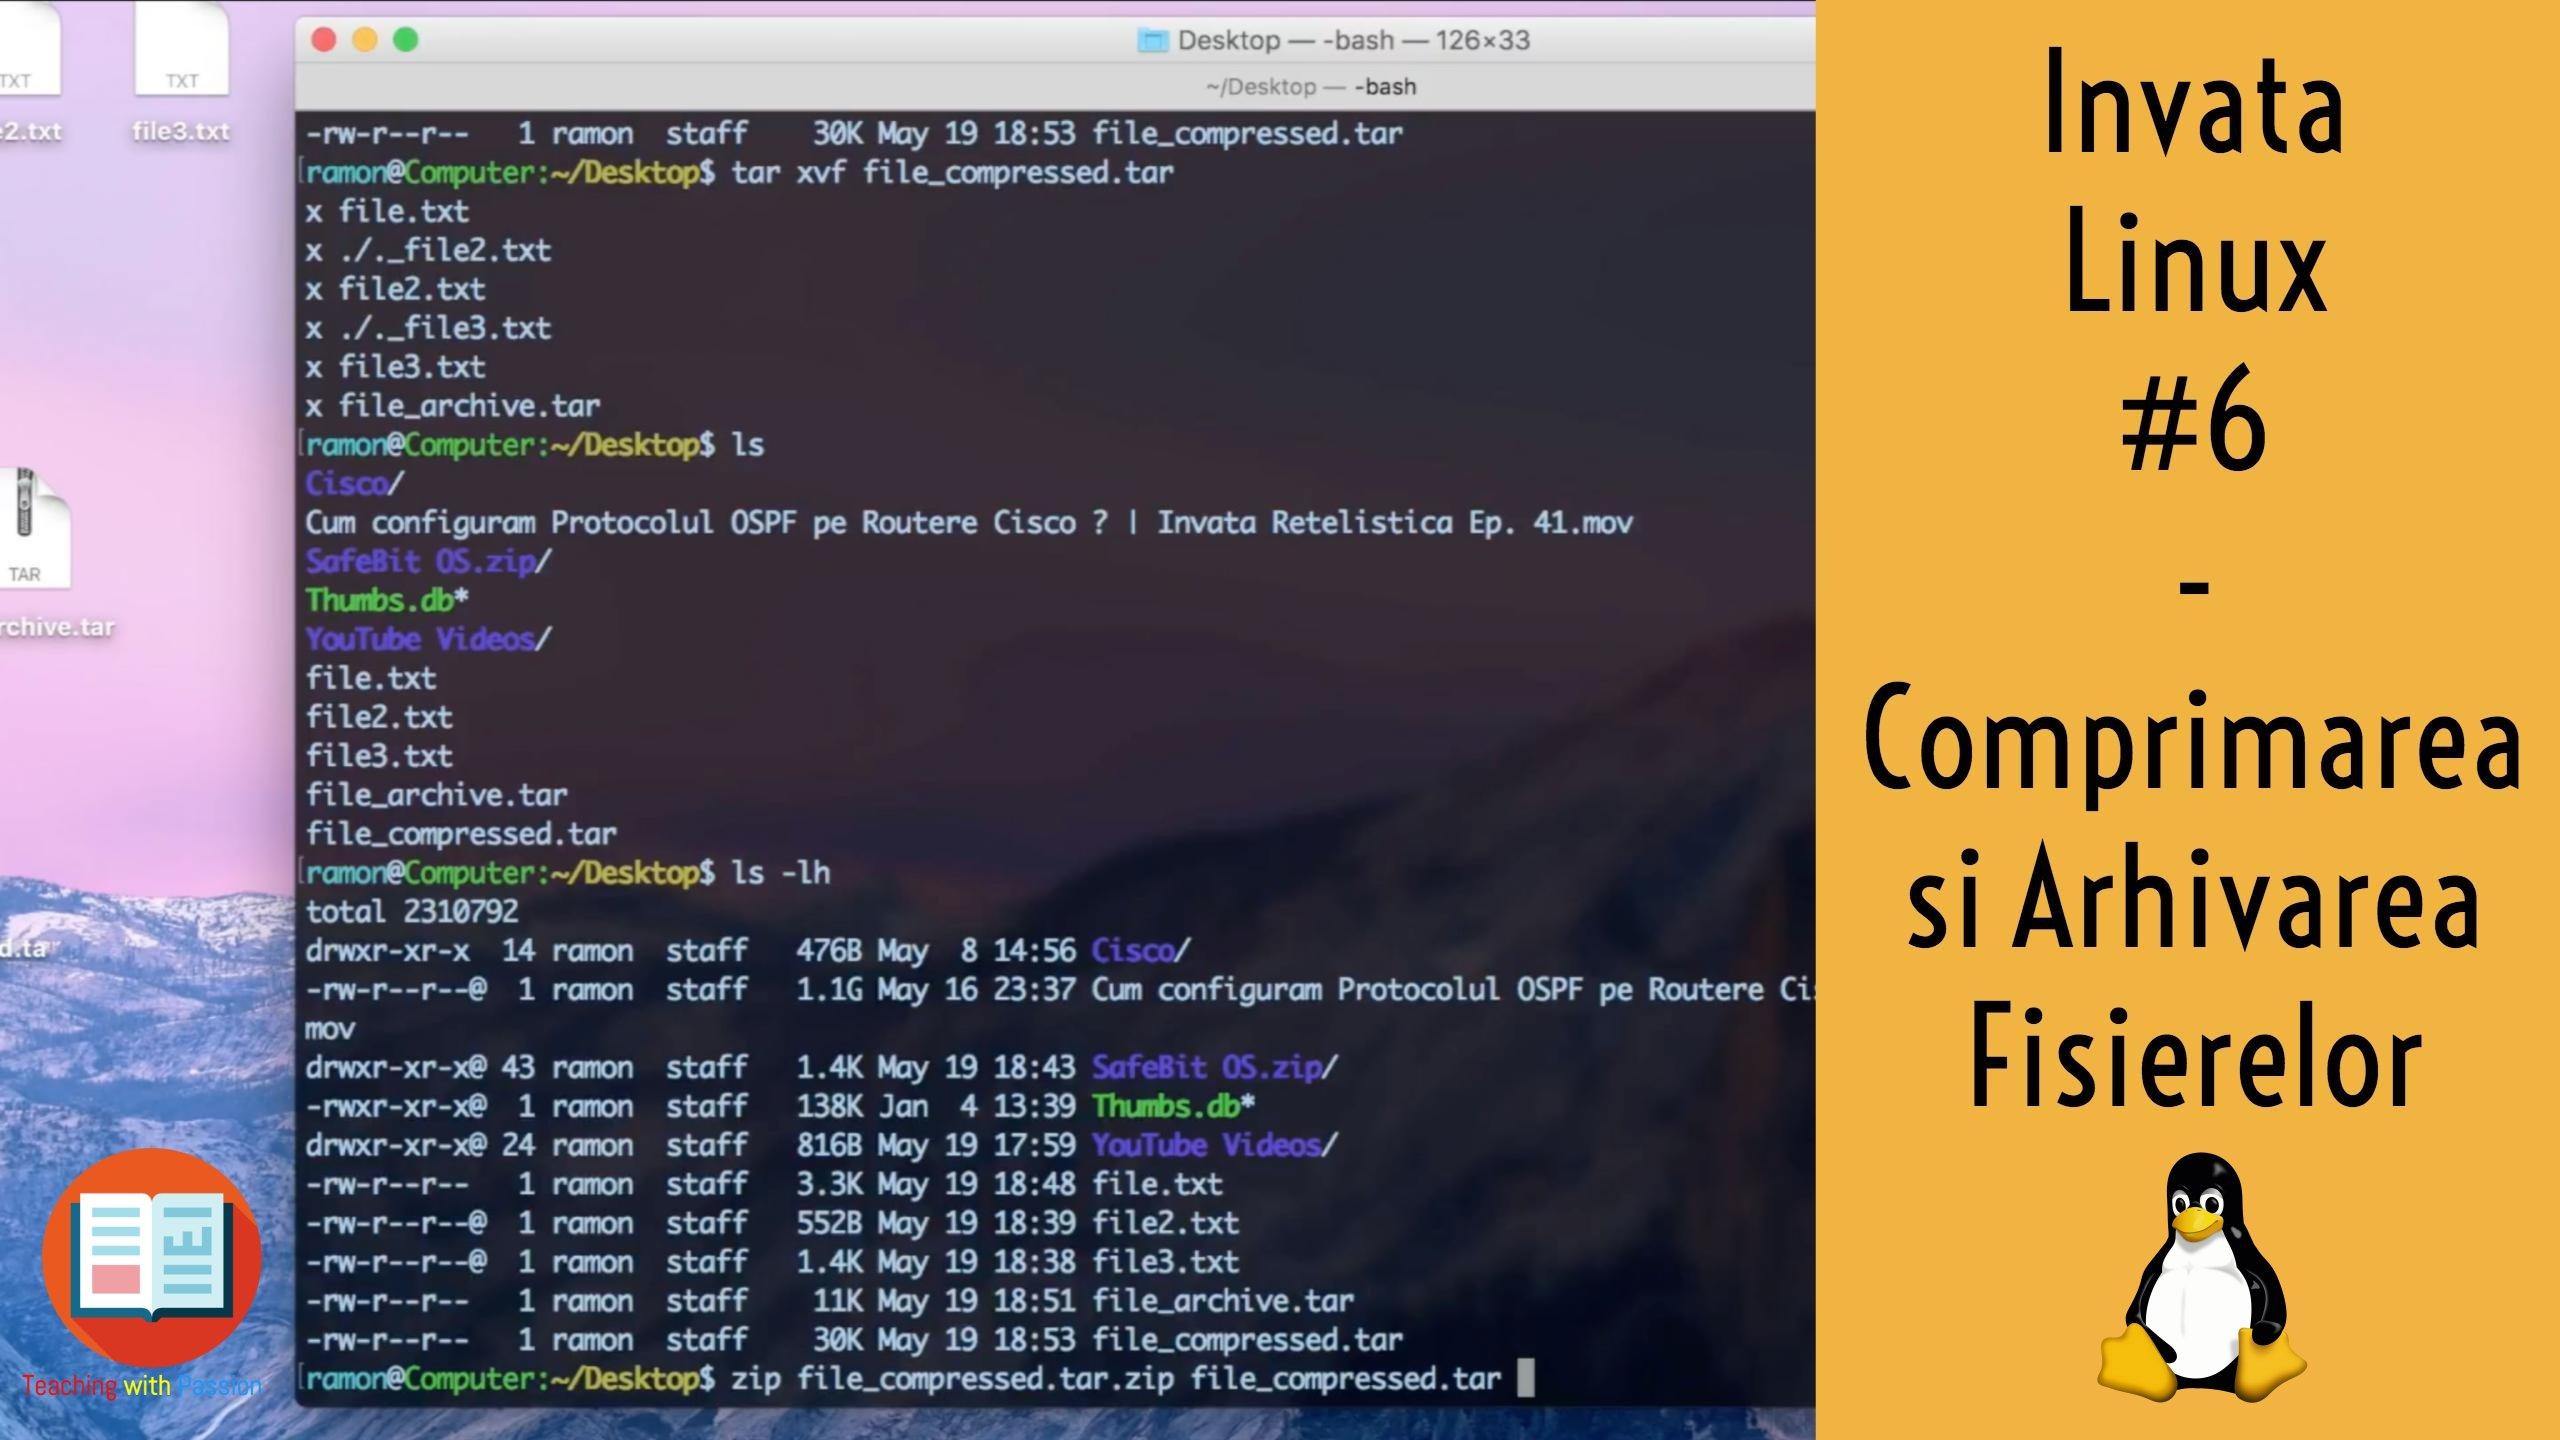 Comprimarea si Arhivarea fisierelor in Ubuntu Linux | Invata Linux #6